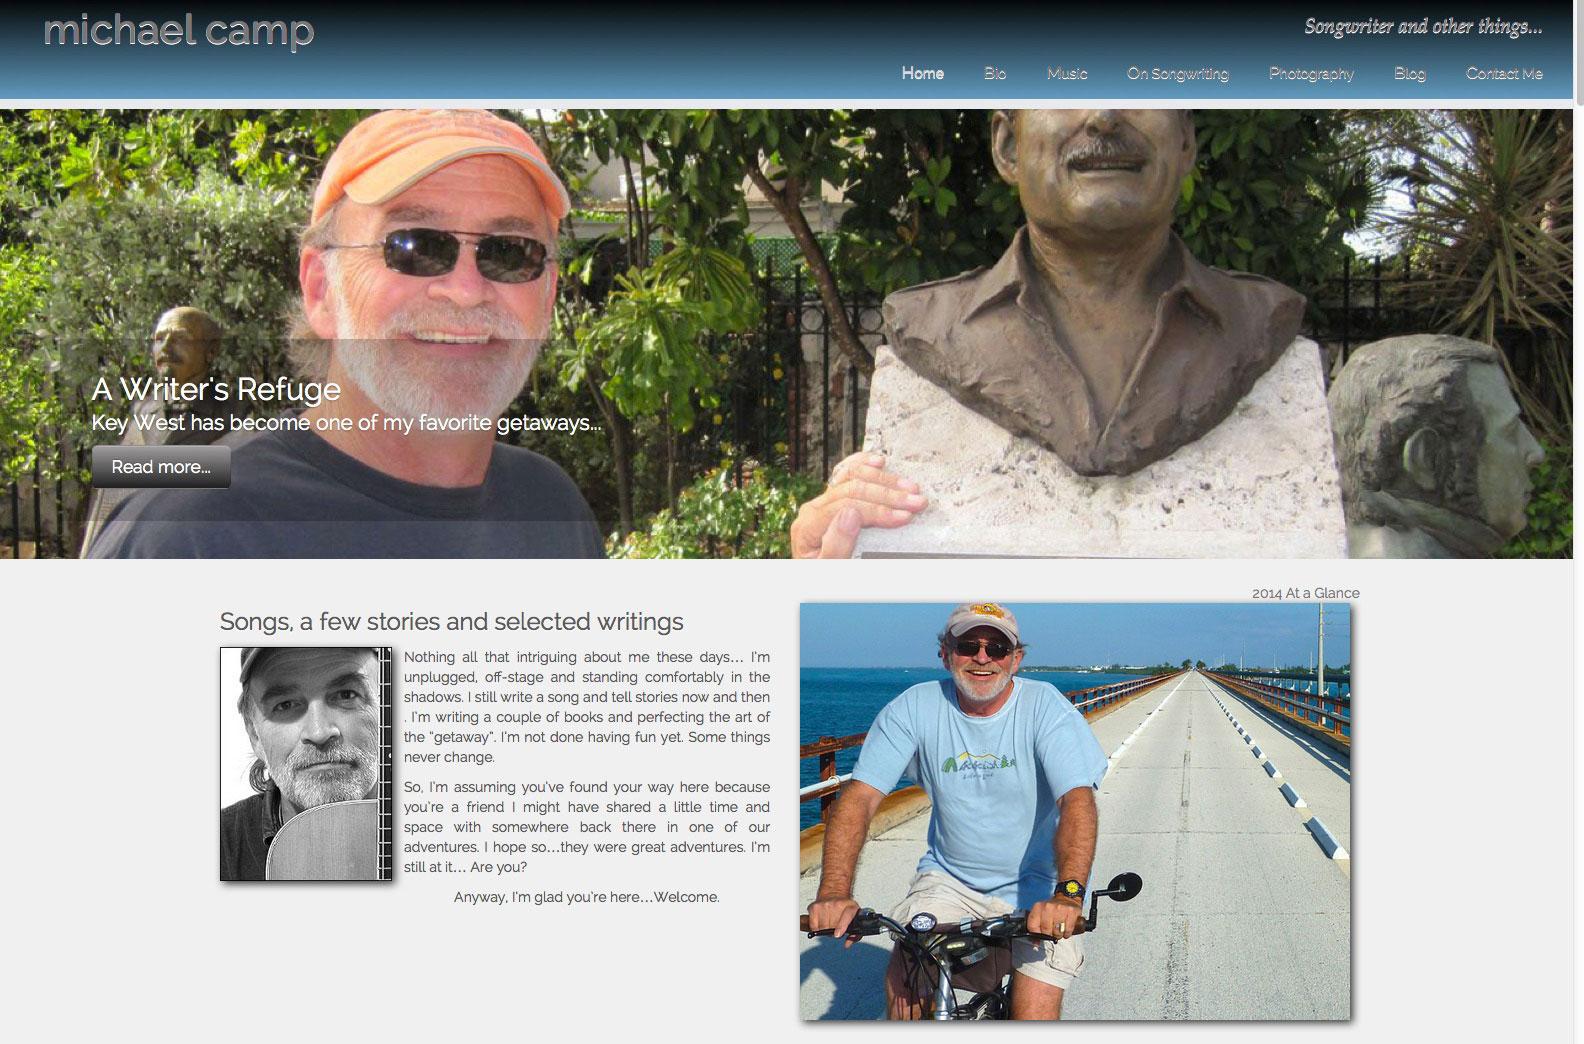 MichaelCamp.com